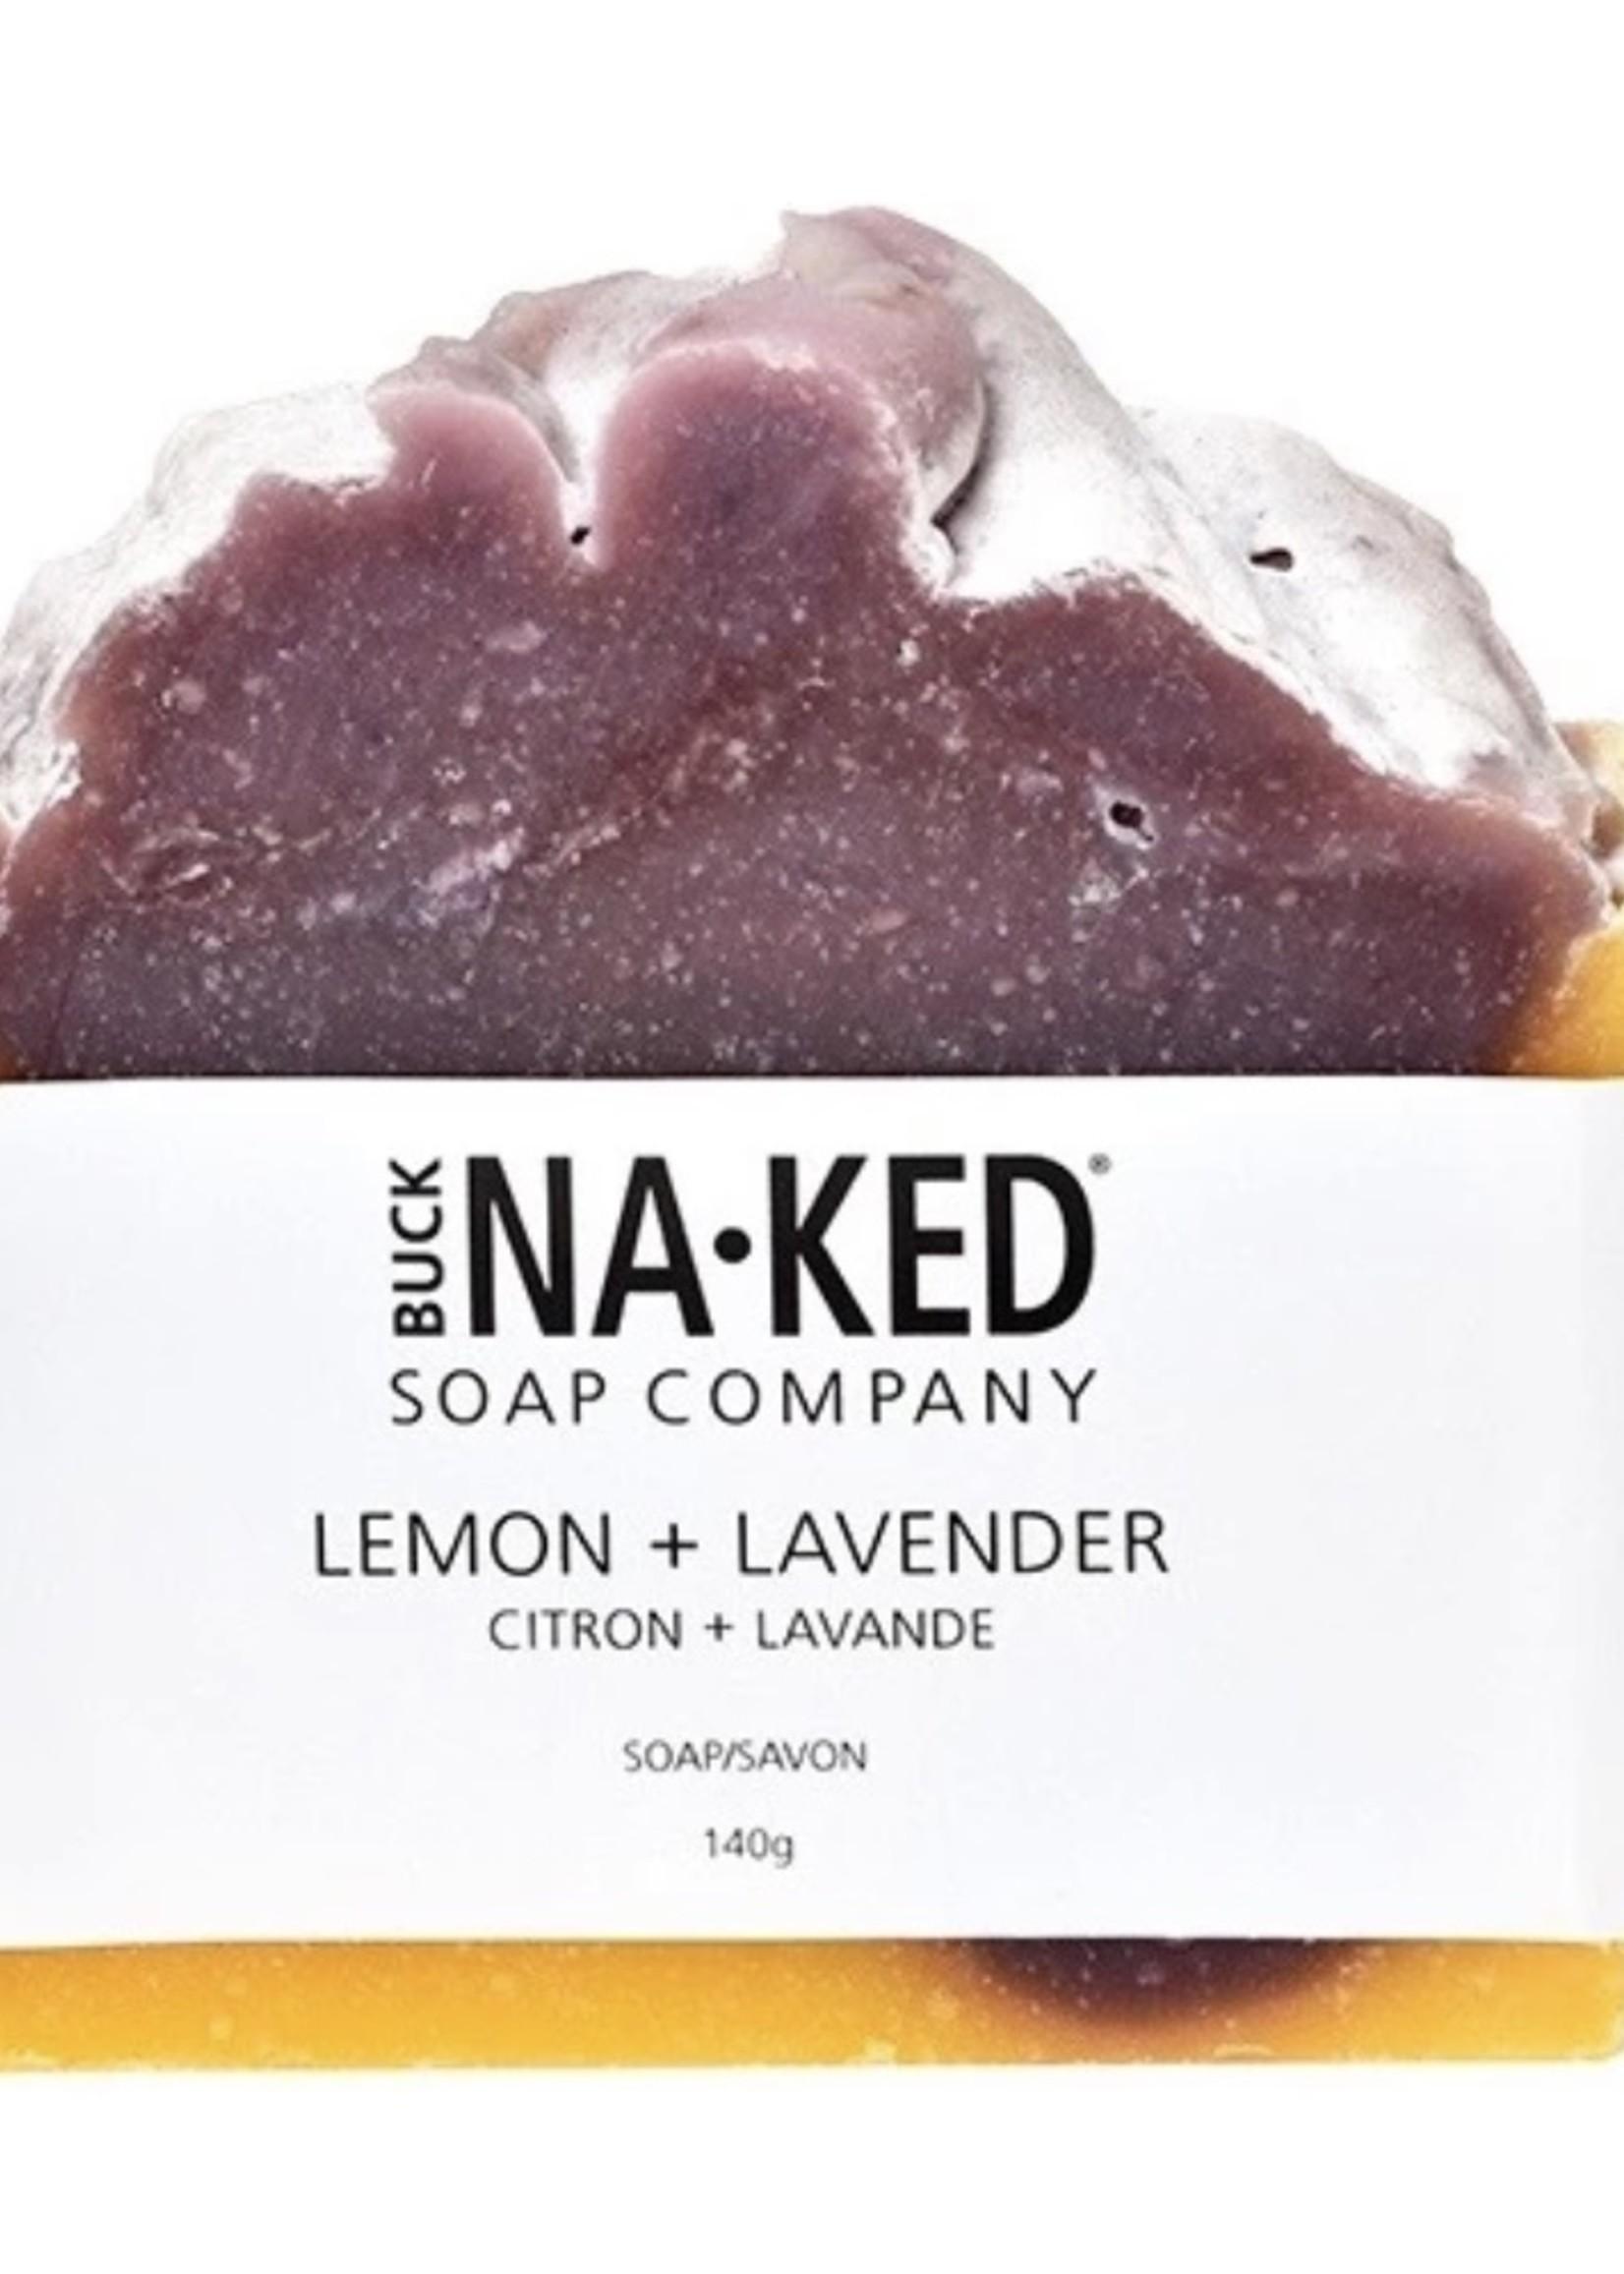 BUCK NAKED Lemon + Lavender SOAP